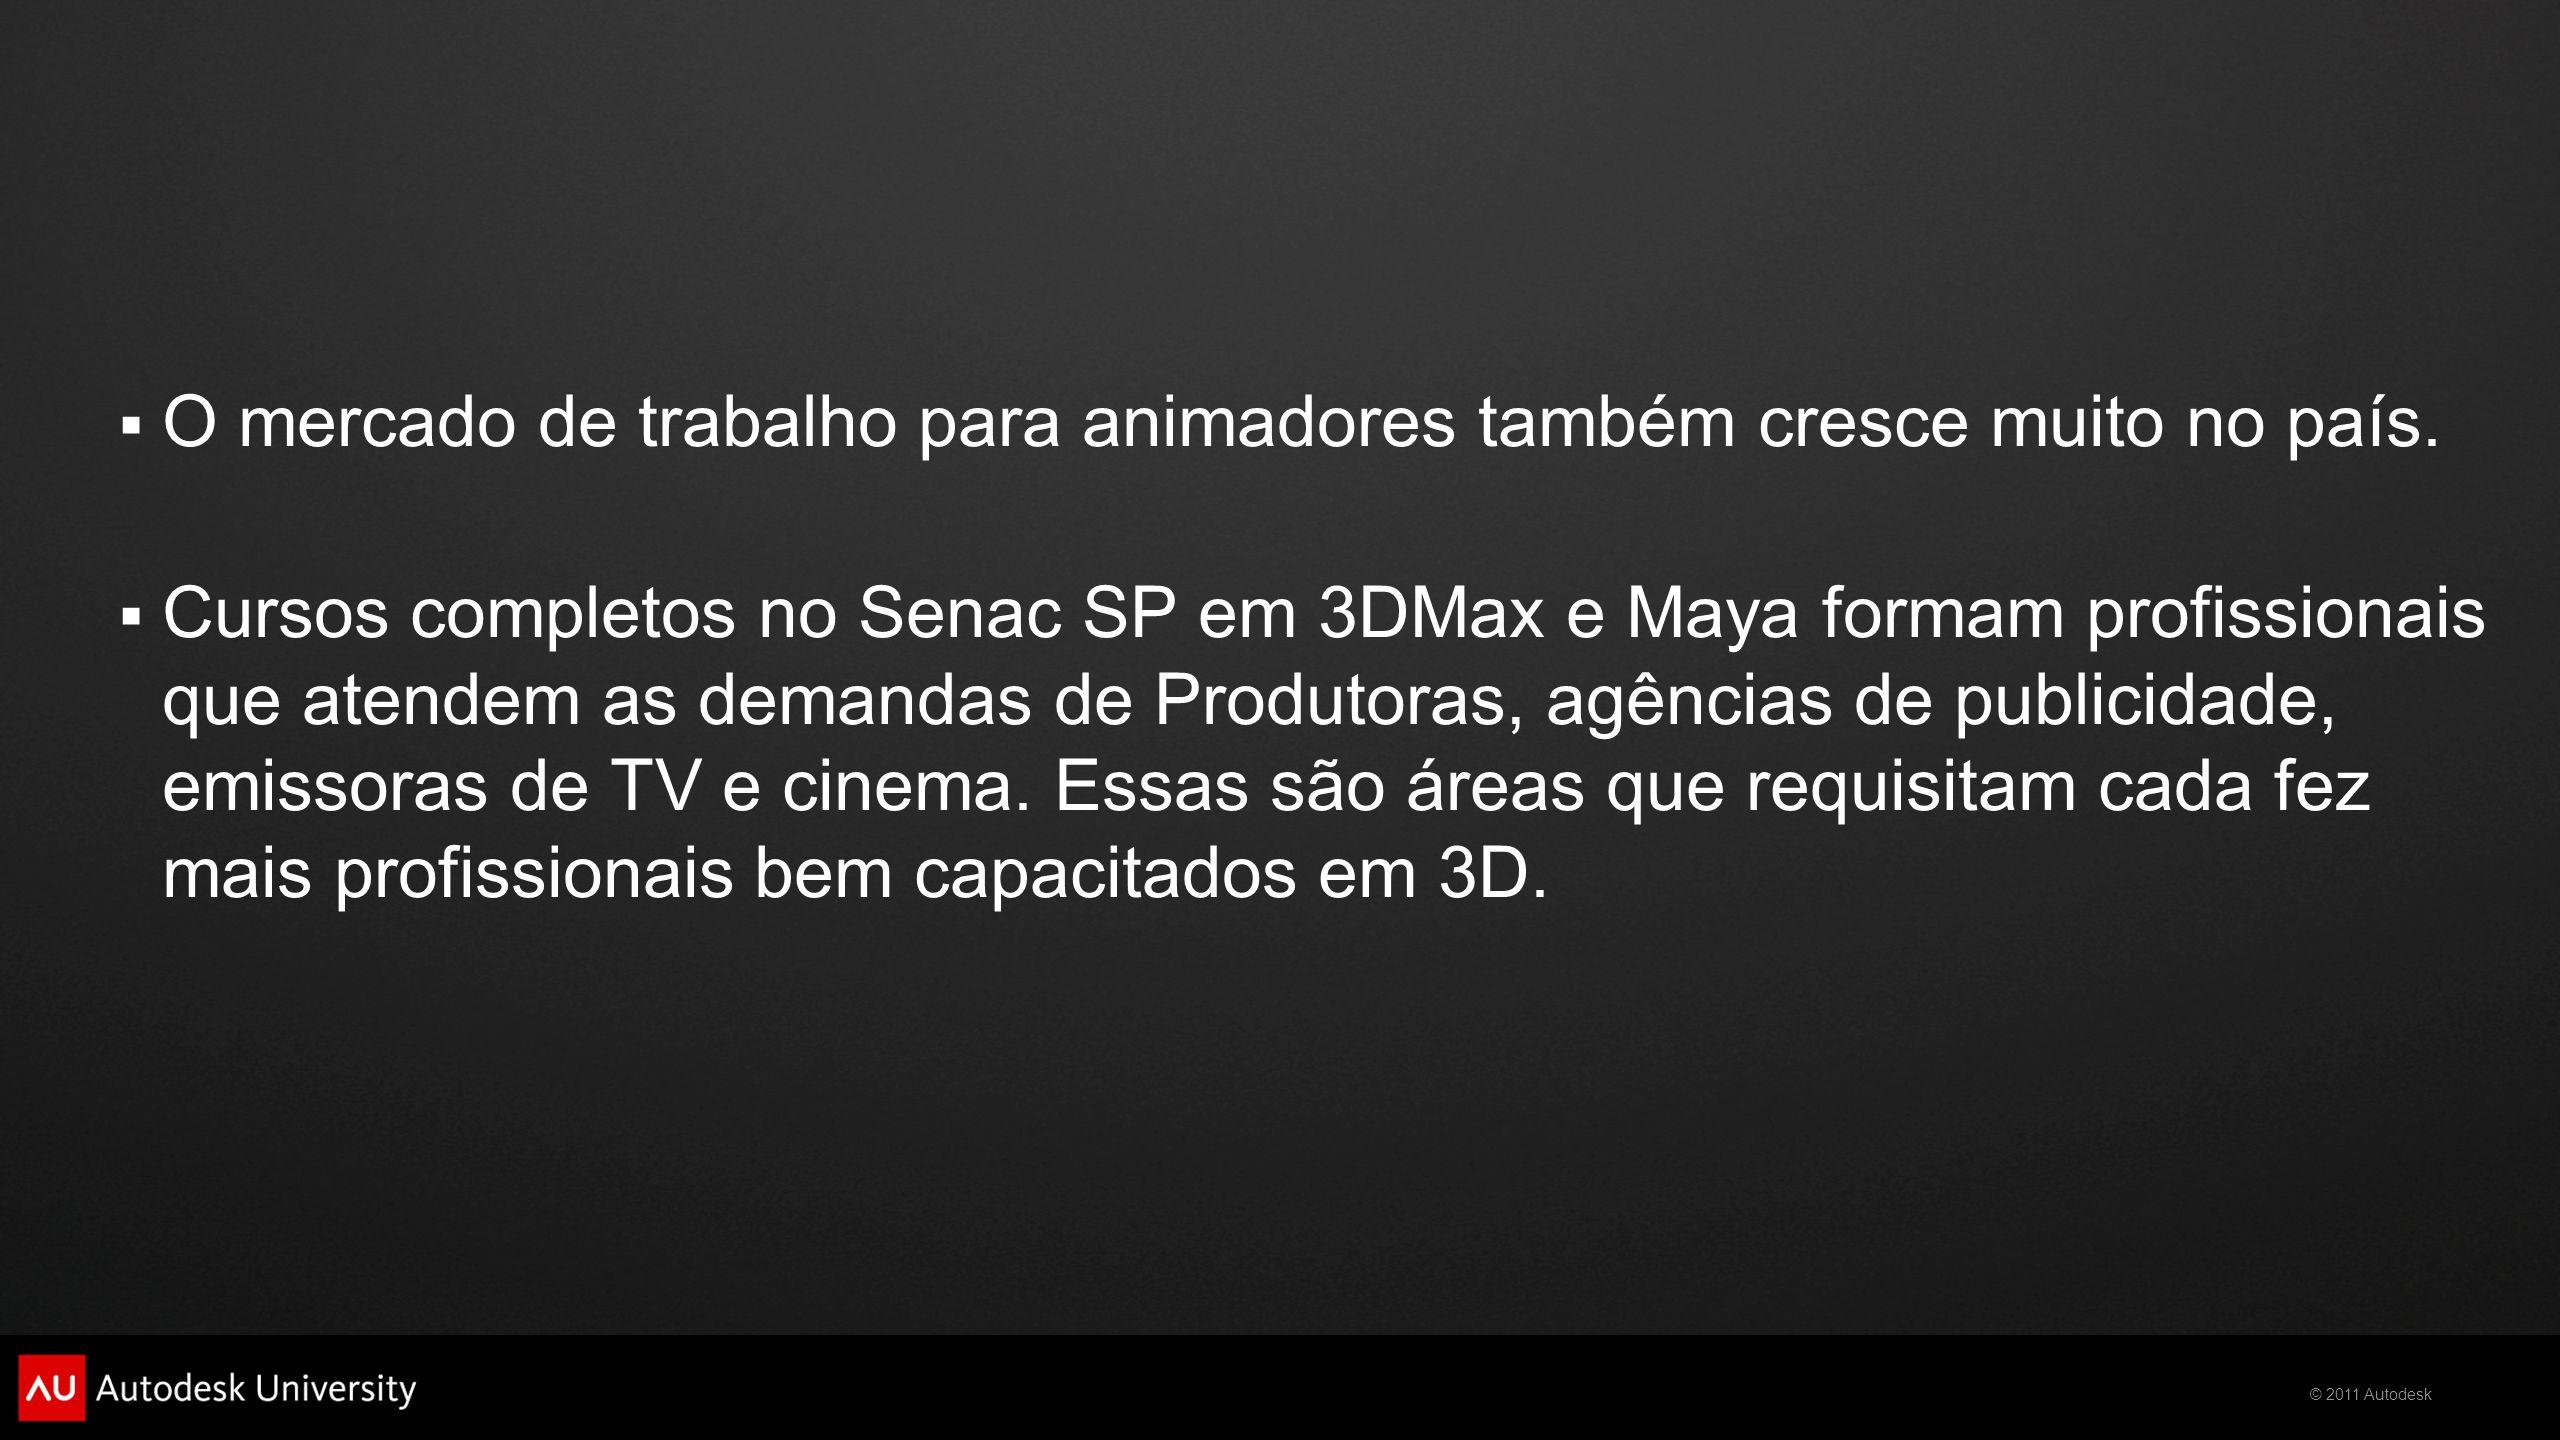 © 2011 Autodesk  O mercado de trabalho para animadores também cresce muito no país.